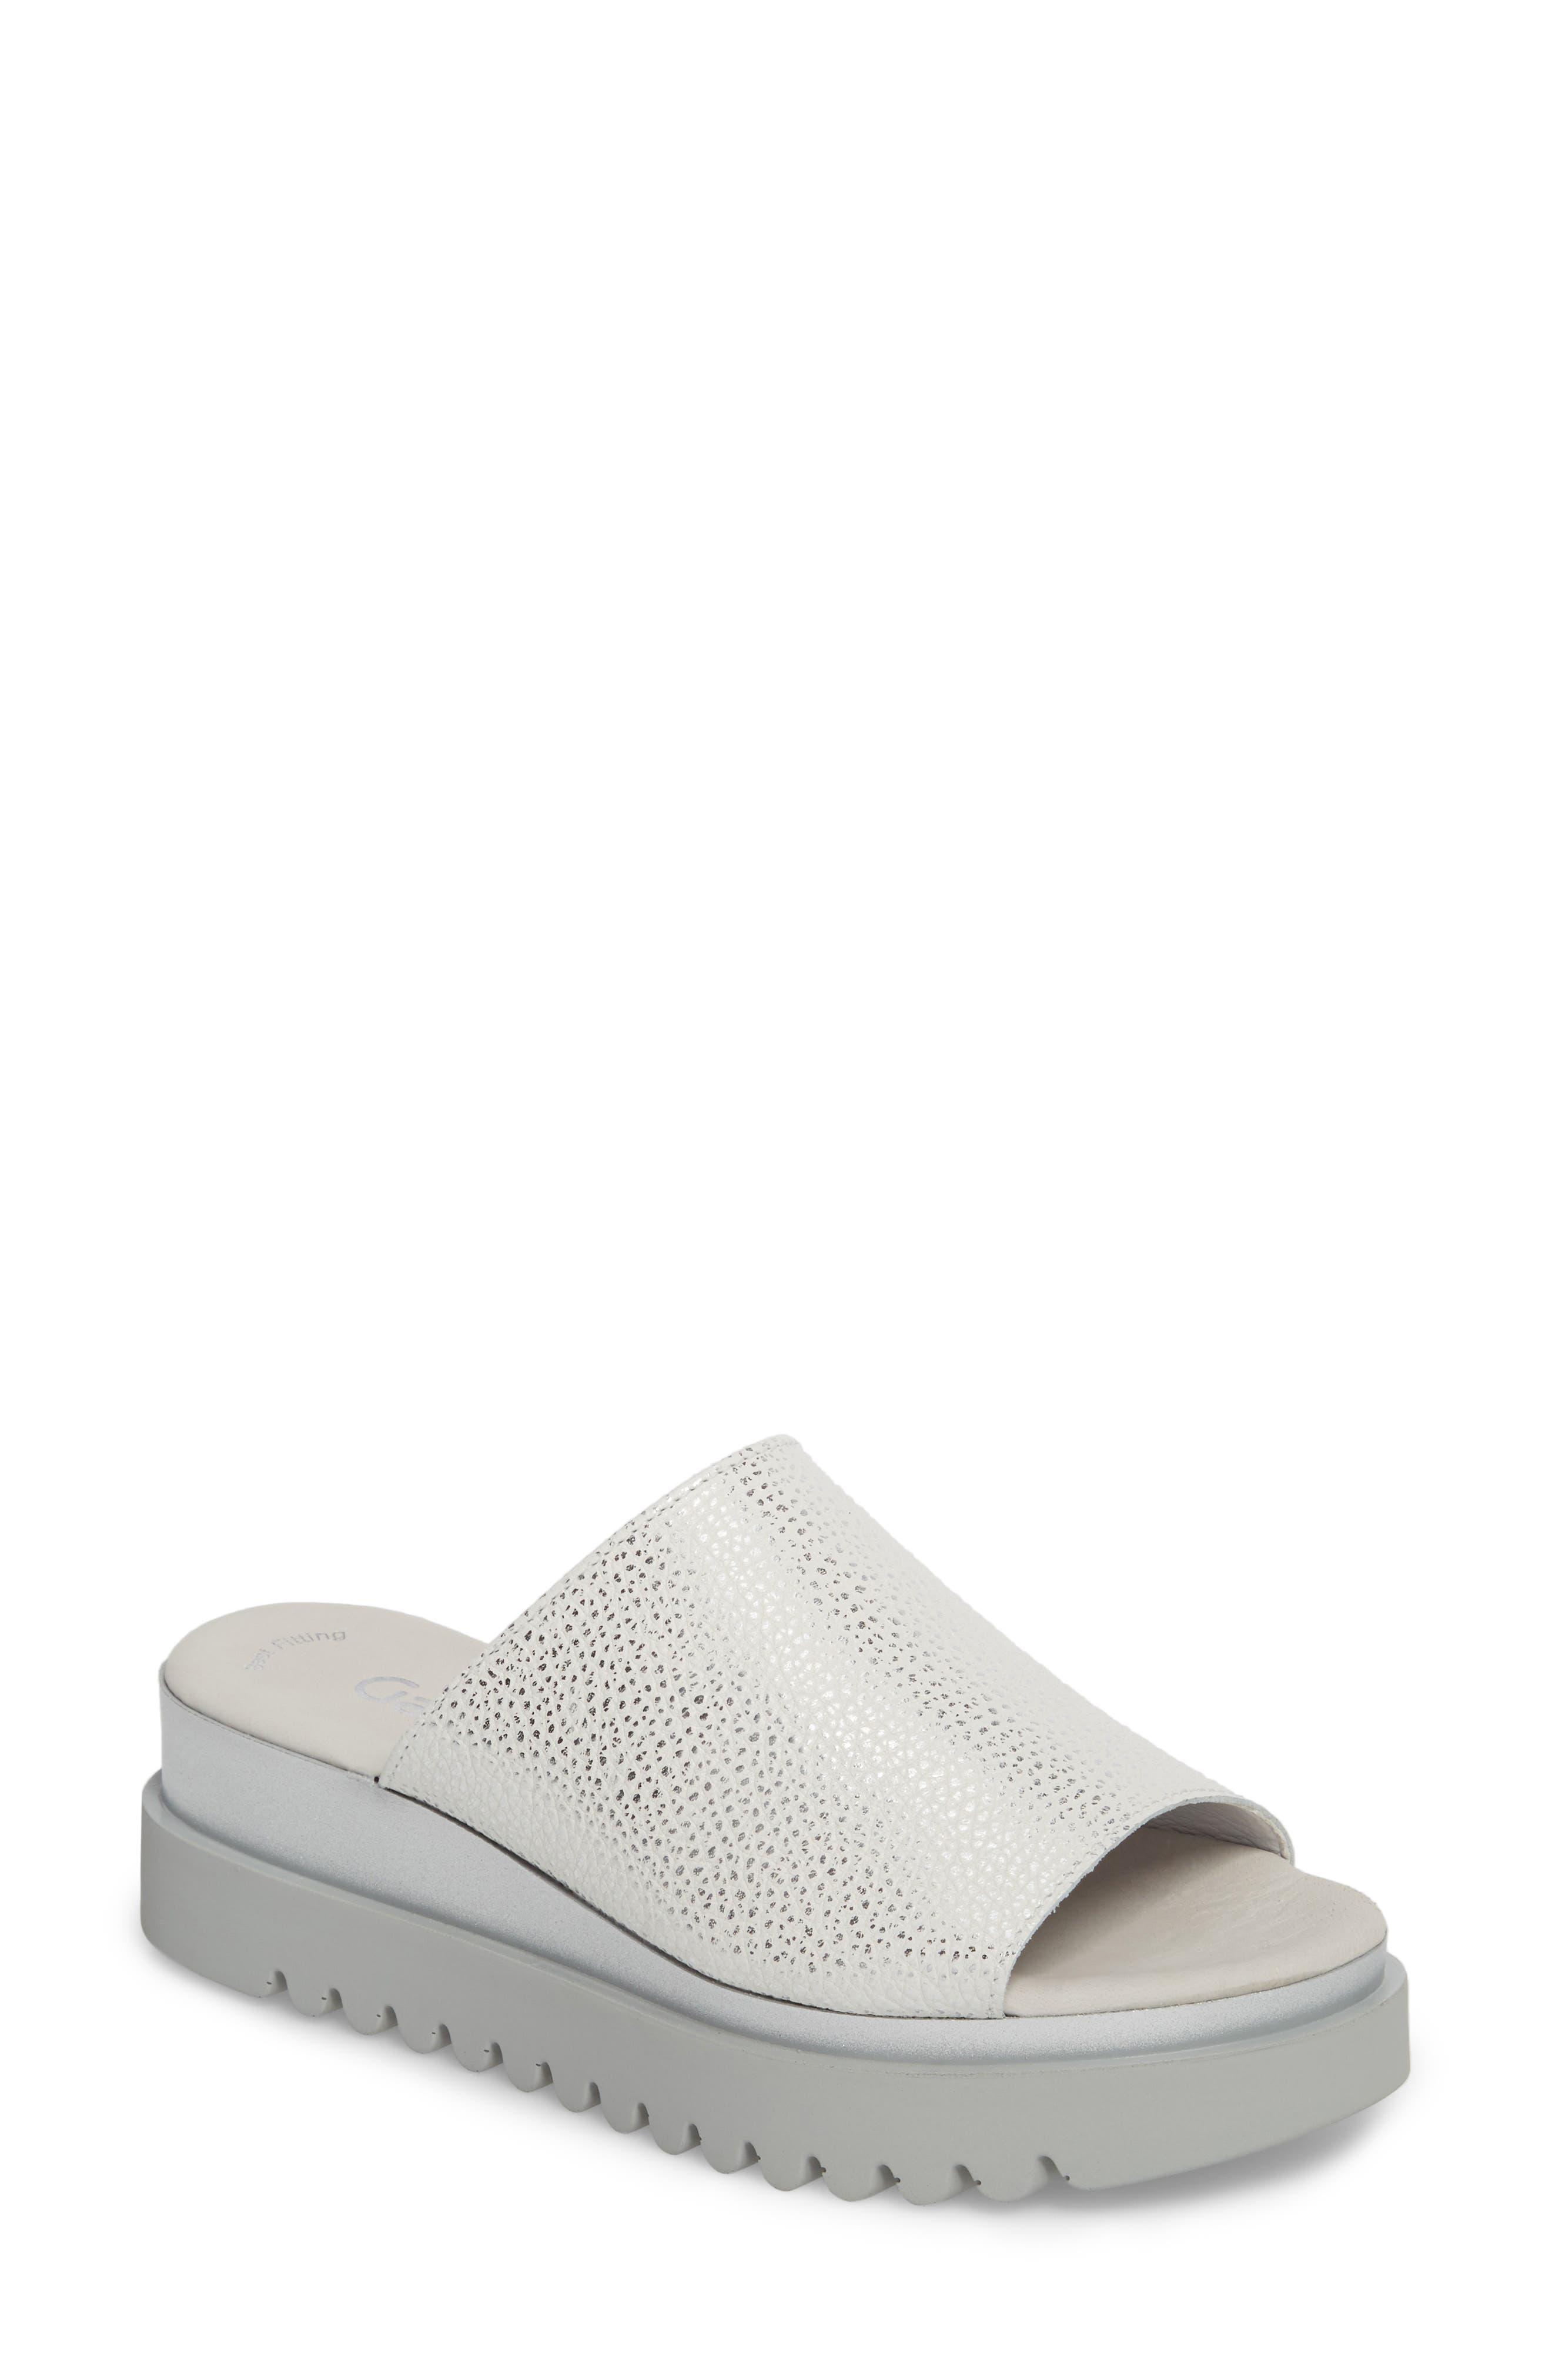 Platform Slide Sandal,                         Main,                         color, WHITE LEATHER